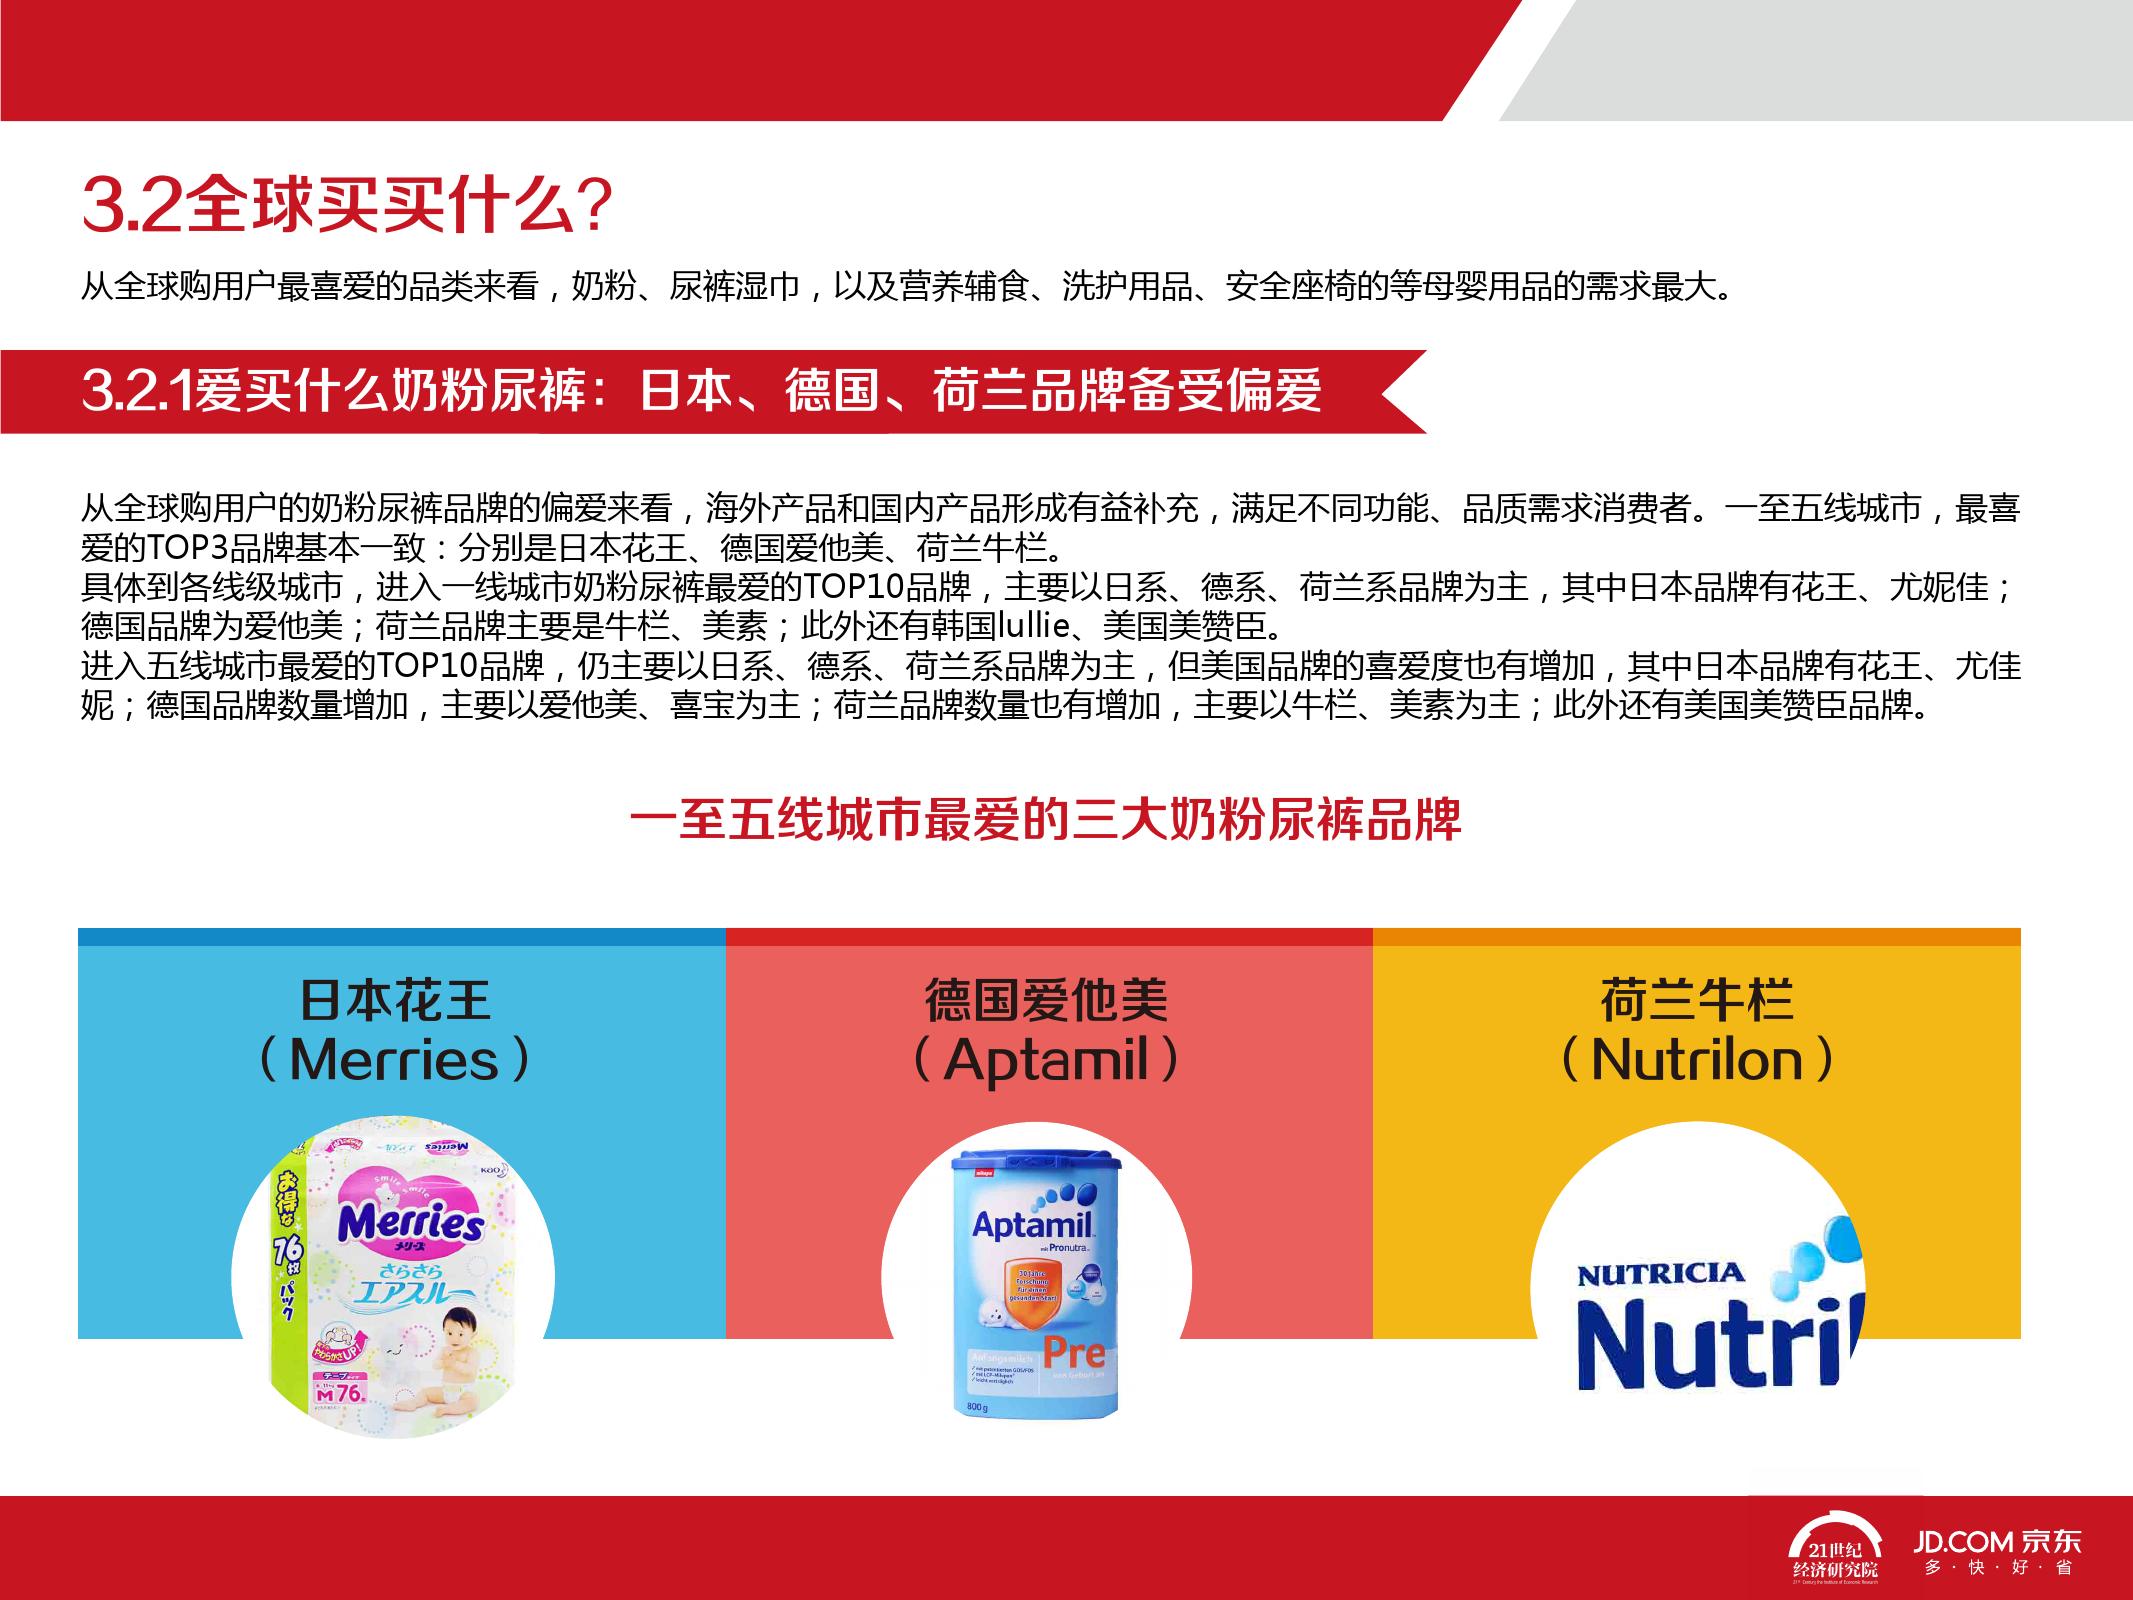 2016中国母婴产品消费趋势报告_000040